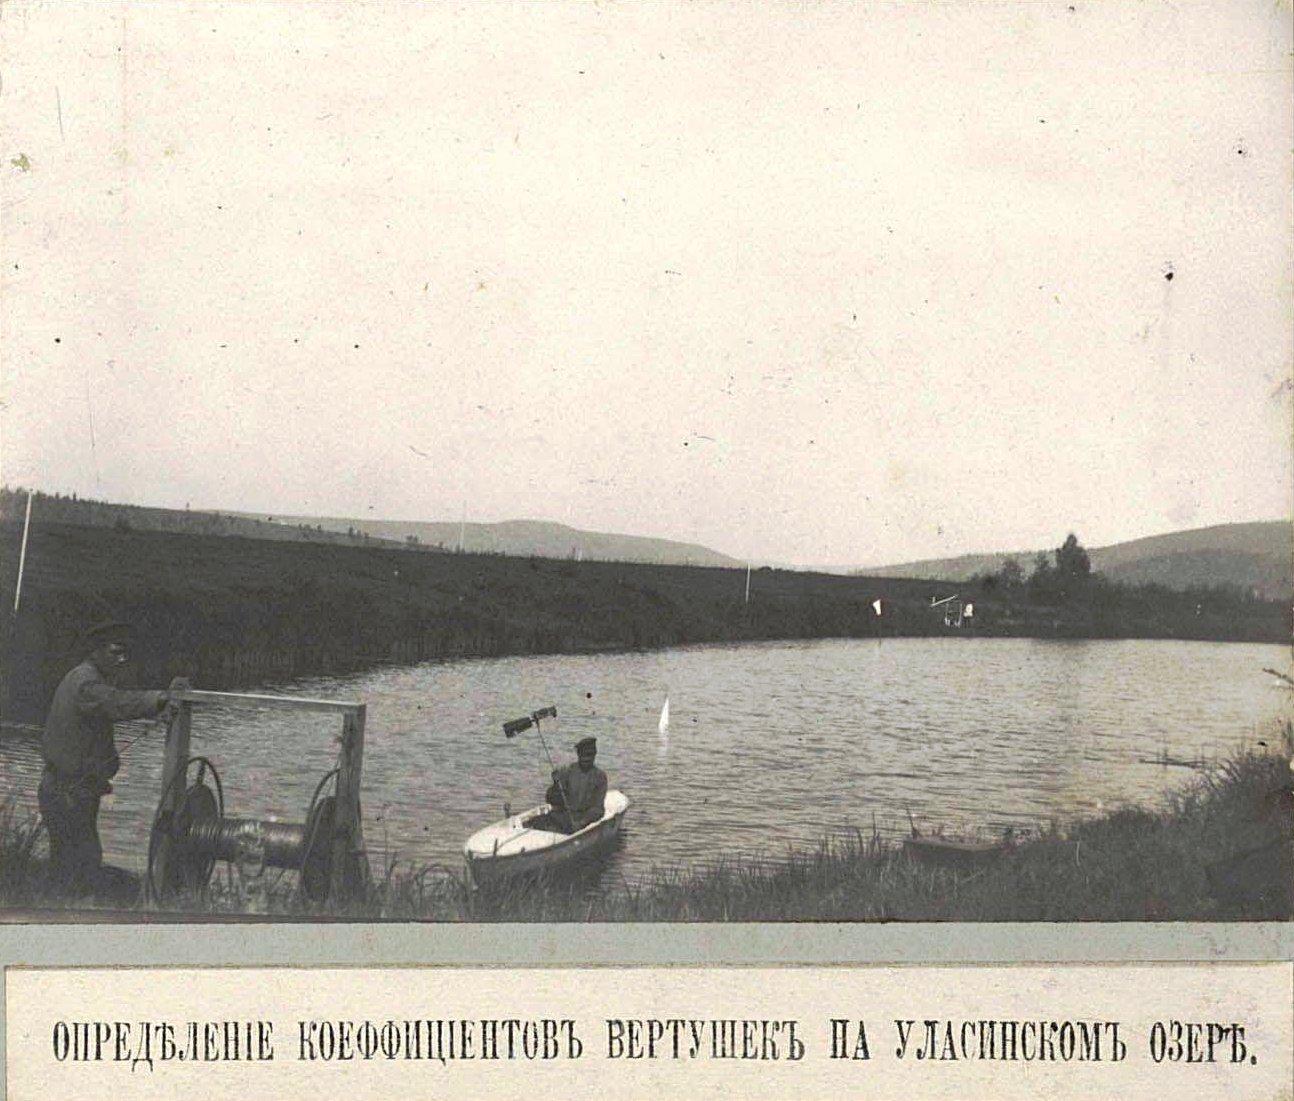 Определение коэффициентов вертушек на Уласинском озере